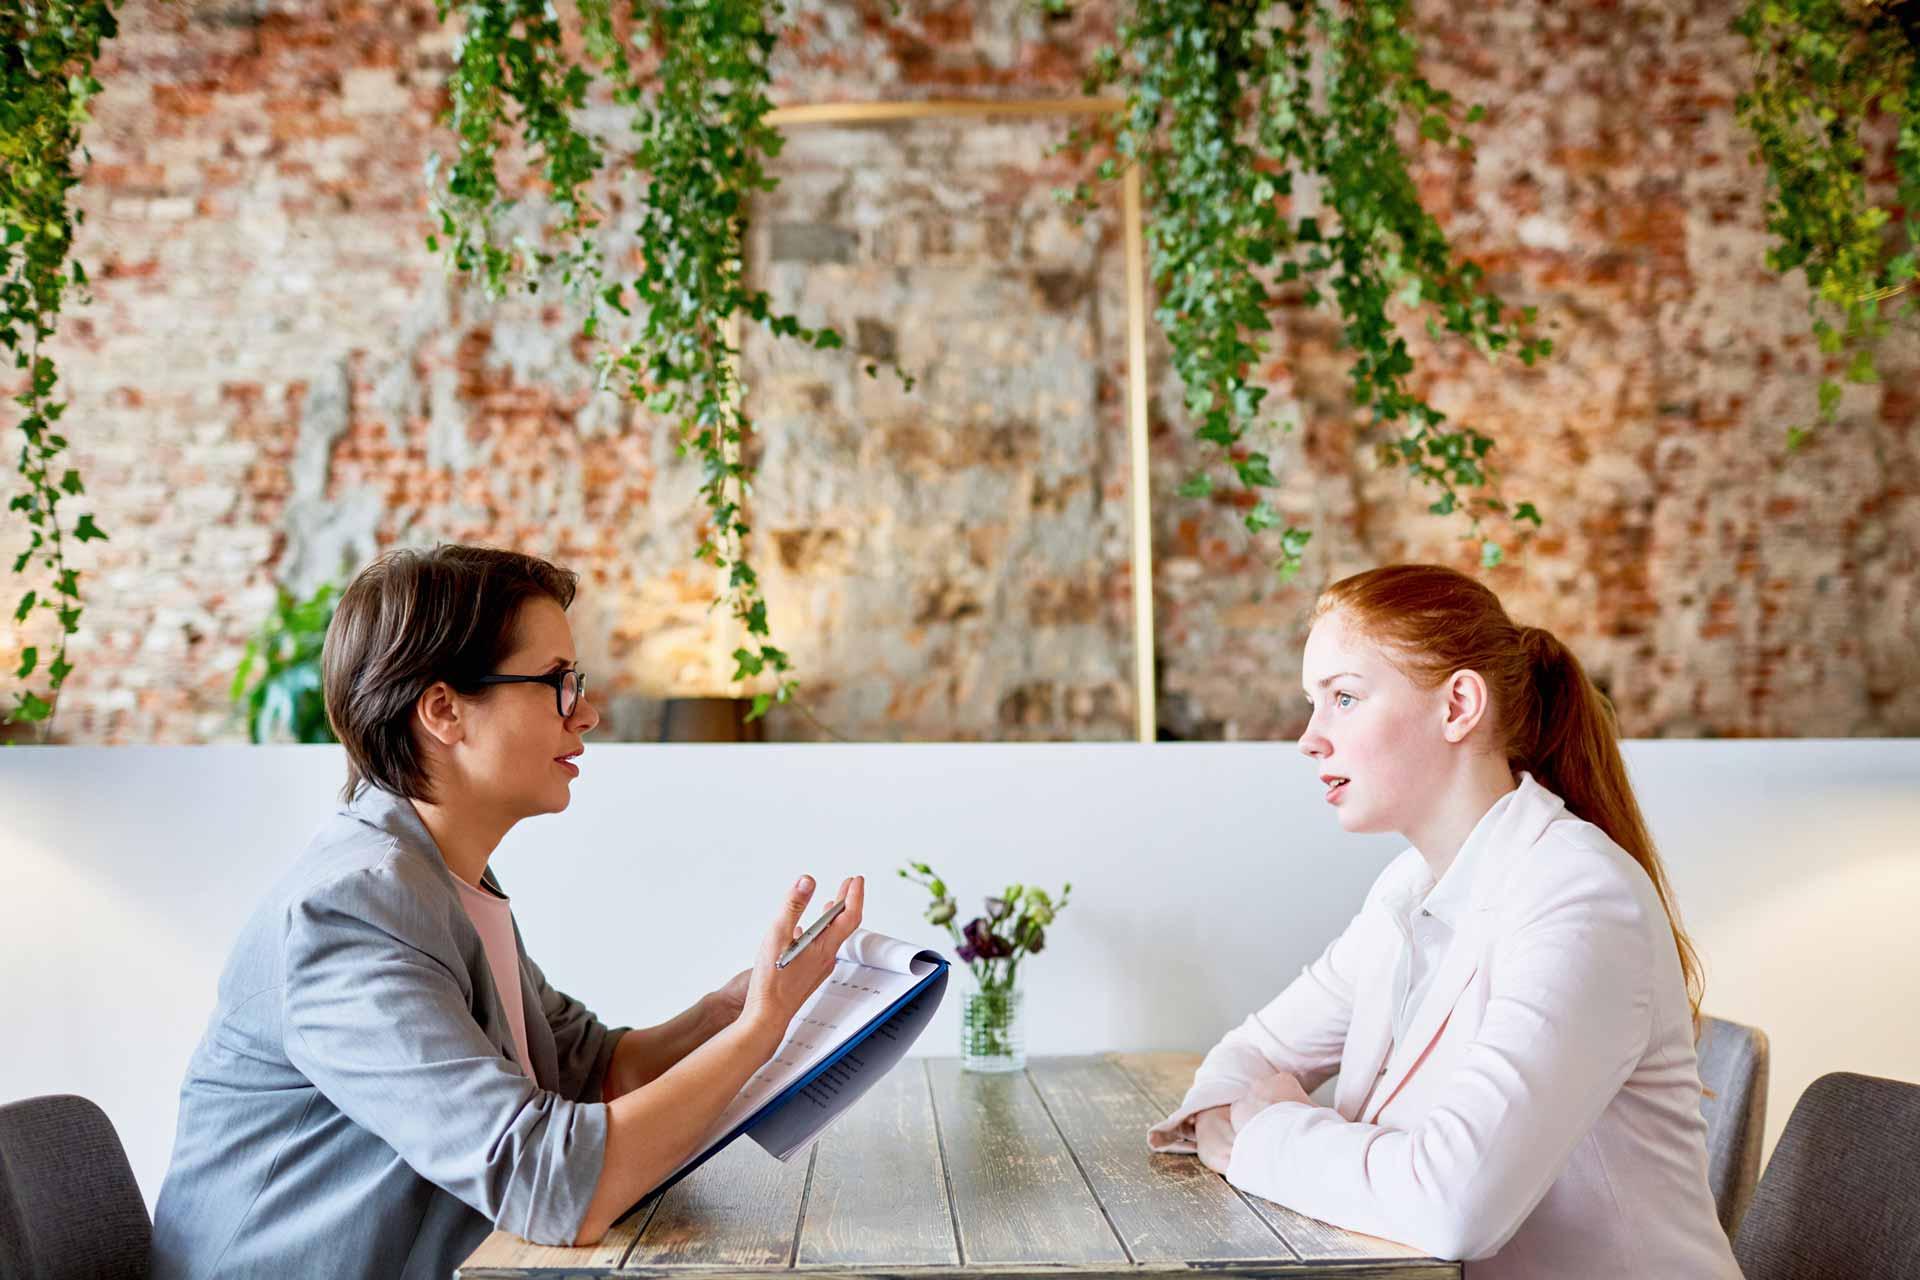 La prossima intervista? Può essere la tua!